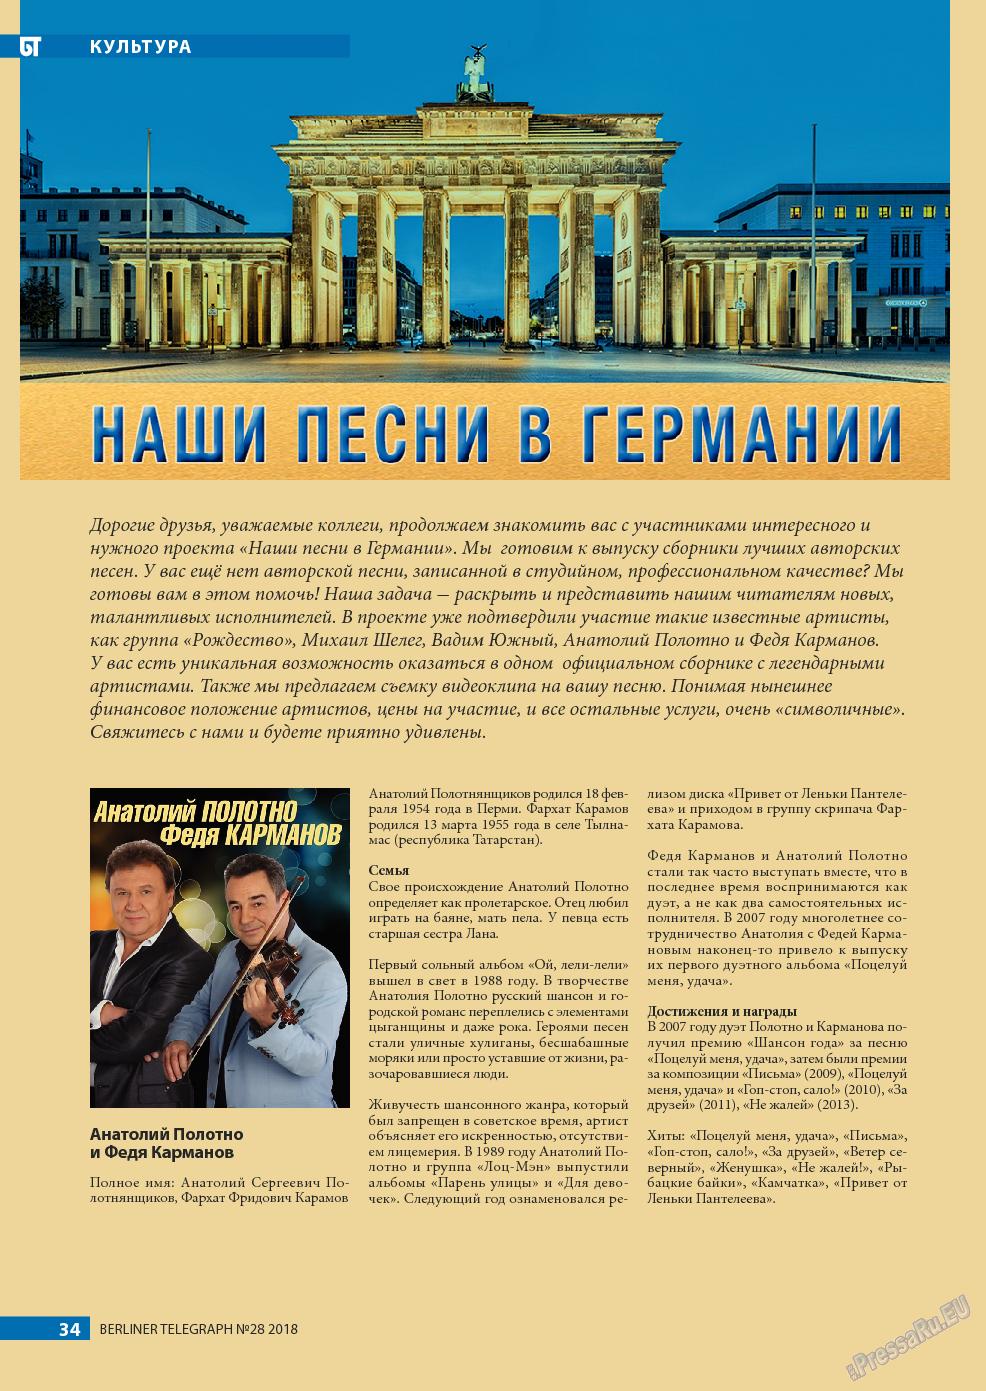 Берлинский телеграф (журнал). 2018 год, номер 28, стр. 34